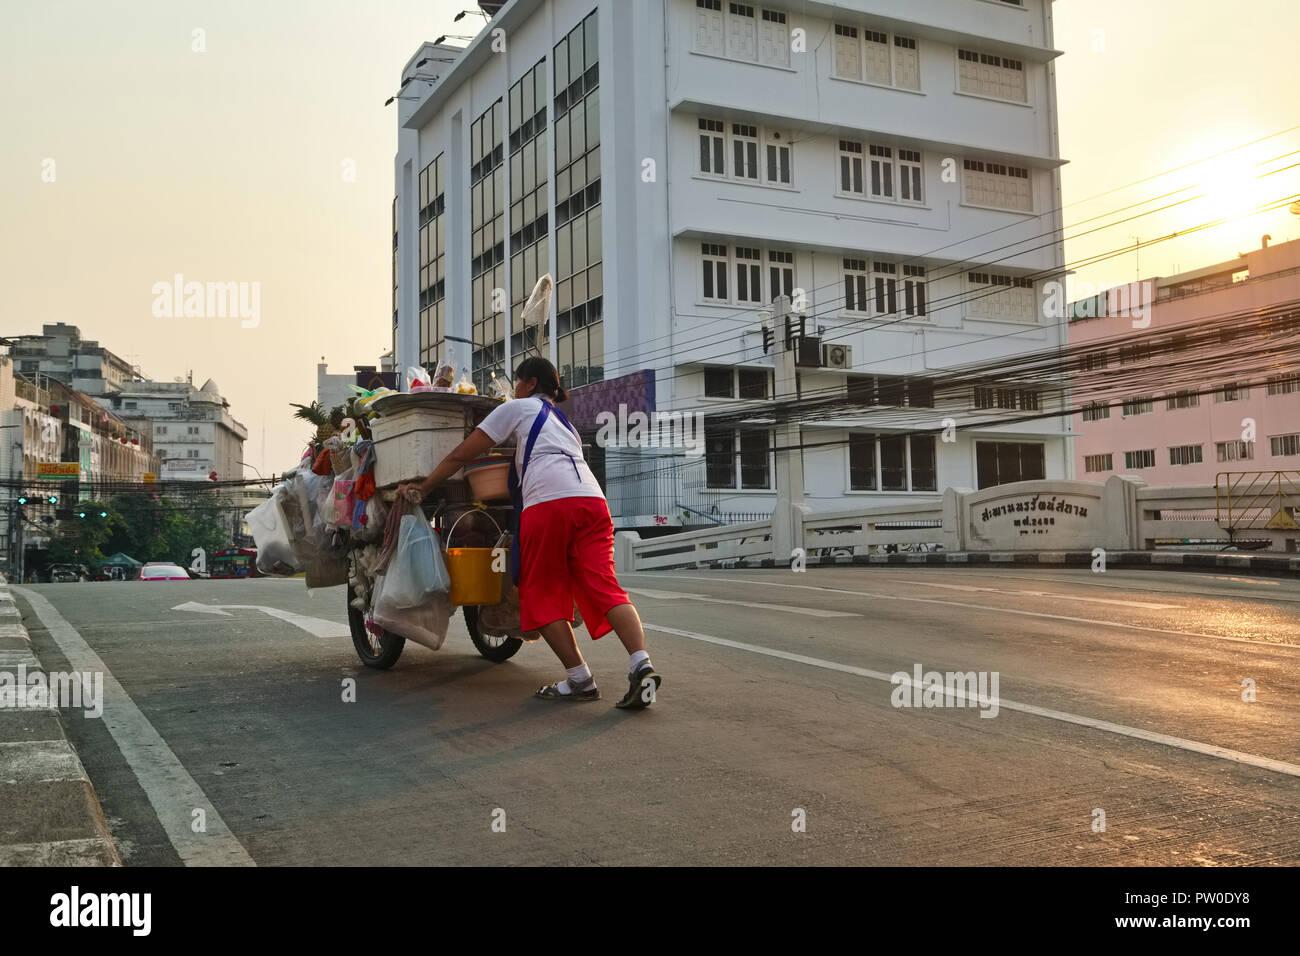 Vendedor de comida callejero en Bangkok, Tailandia, empujando su carro sobre un puente de Klong (canal) para establecer su puesto de comida por la noche Foto de stock